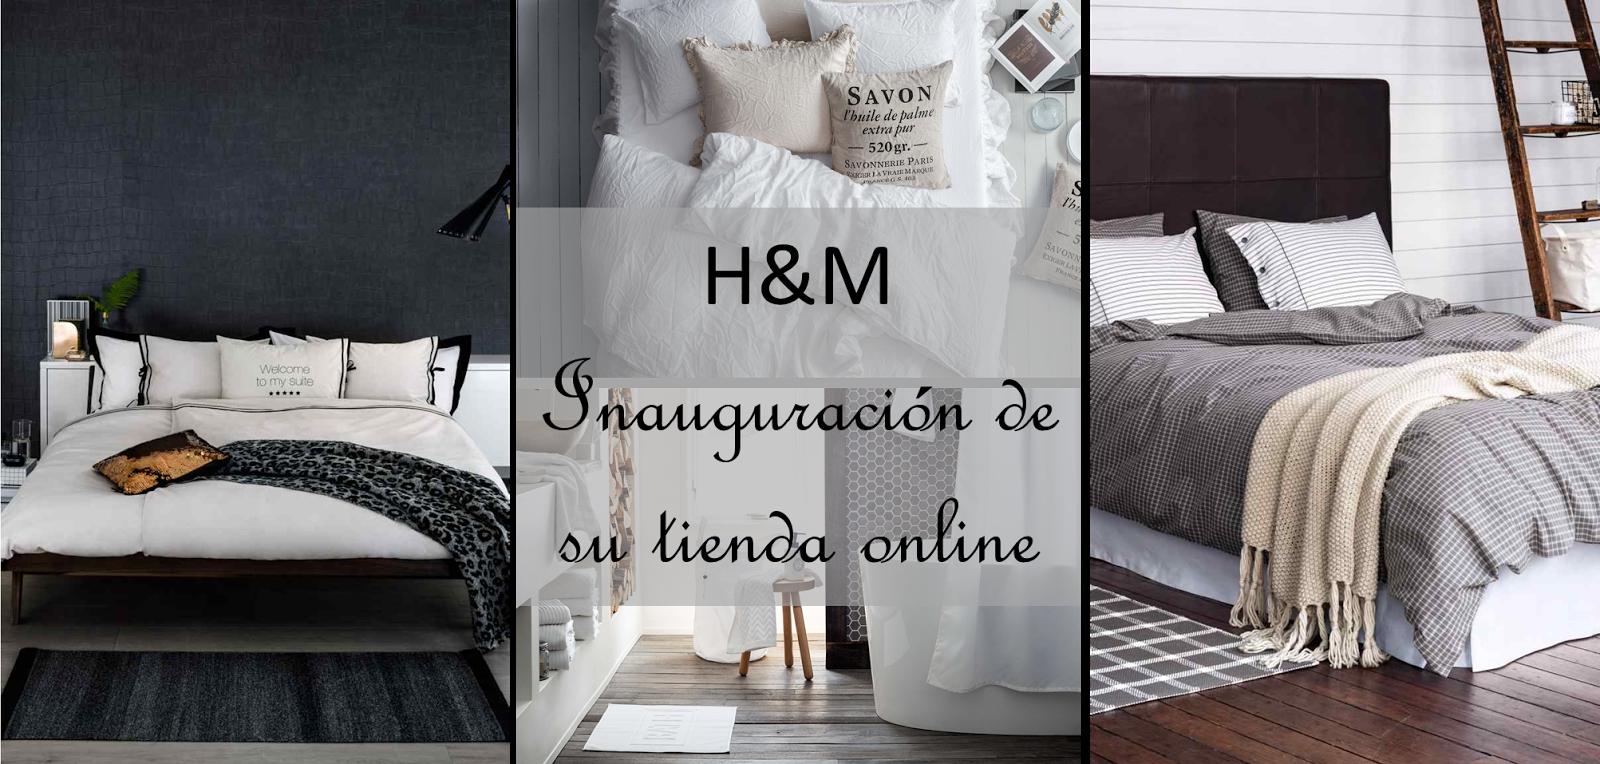 Decoraci n f cil h m inaugura su tienda online en espa a - Decoracion en espana ...